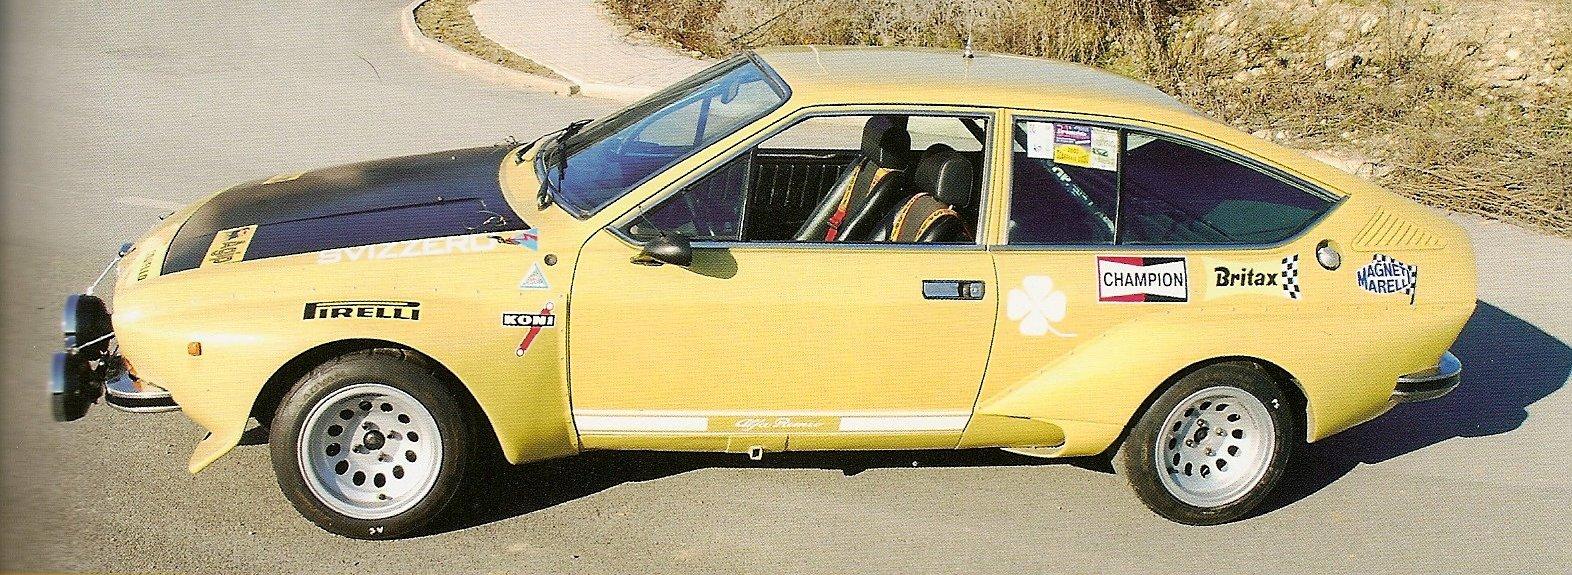 1975 Coupè - Alfetta gt Gr. 2